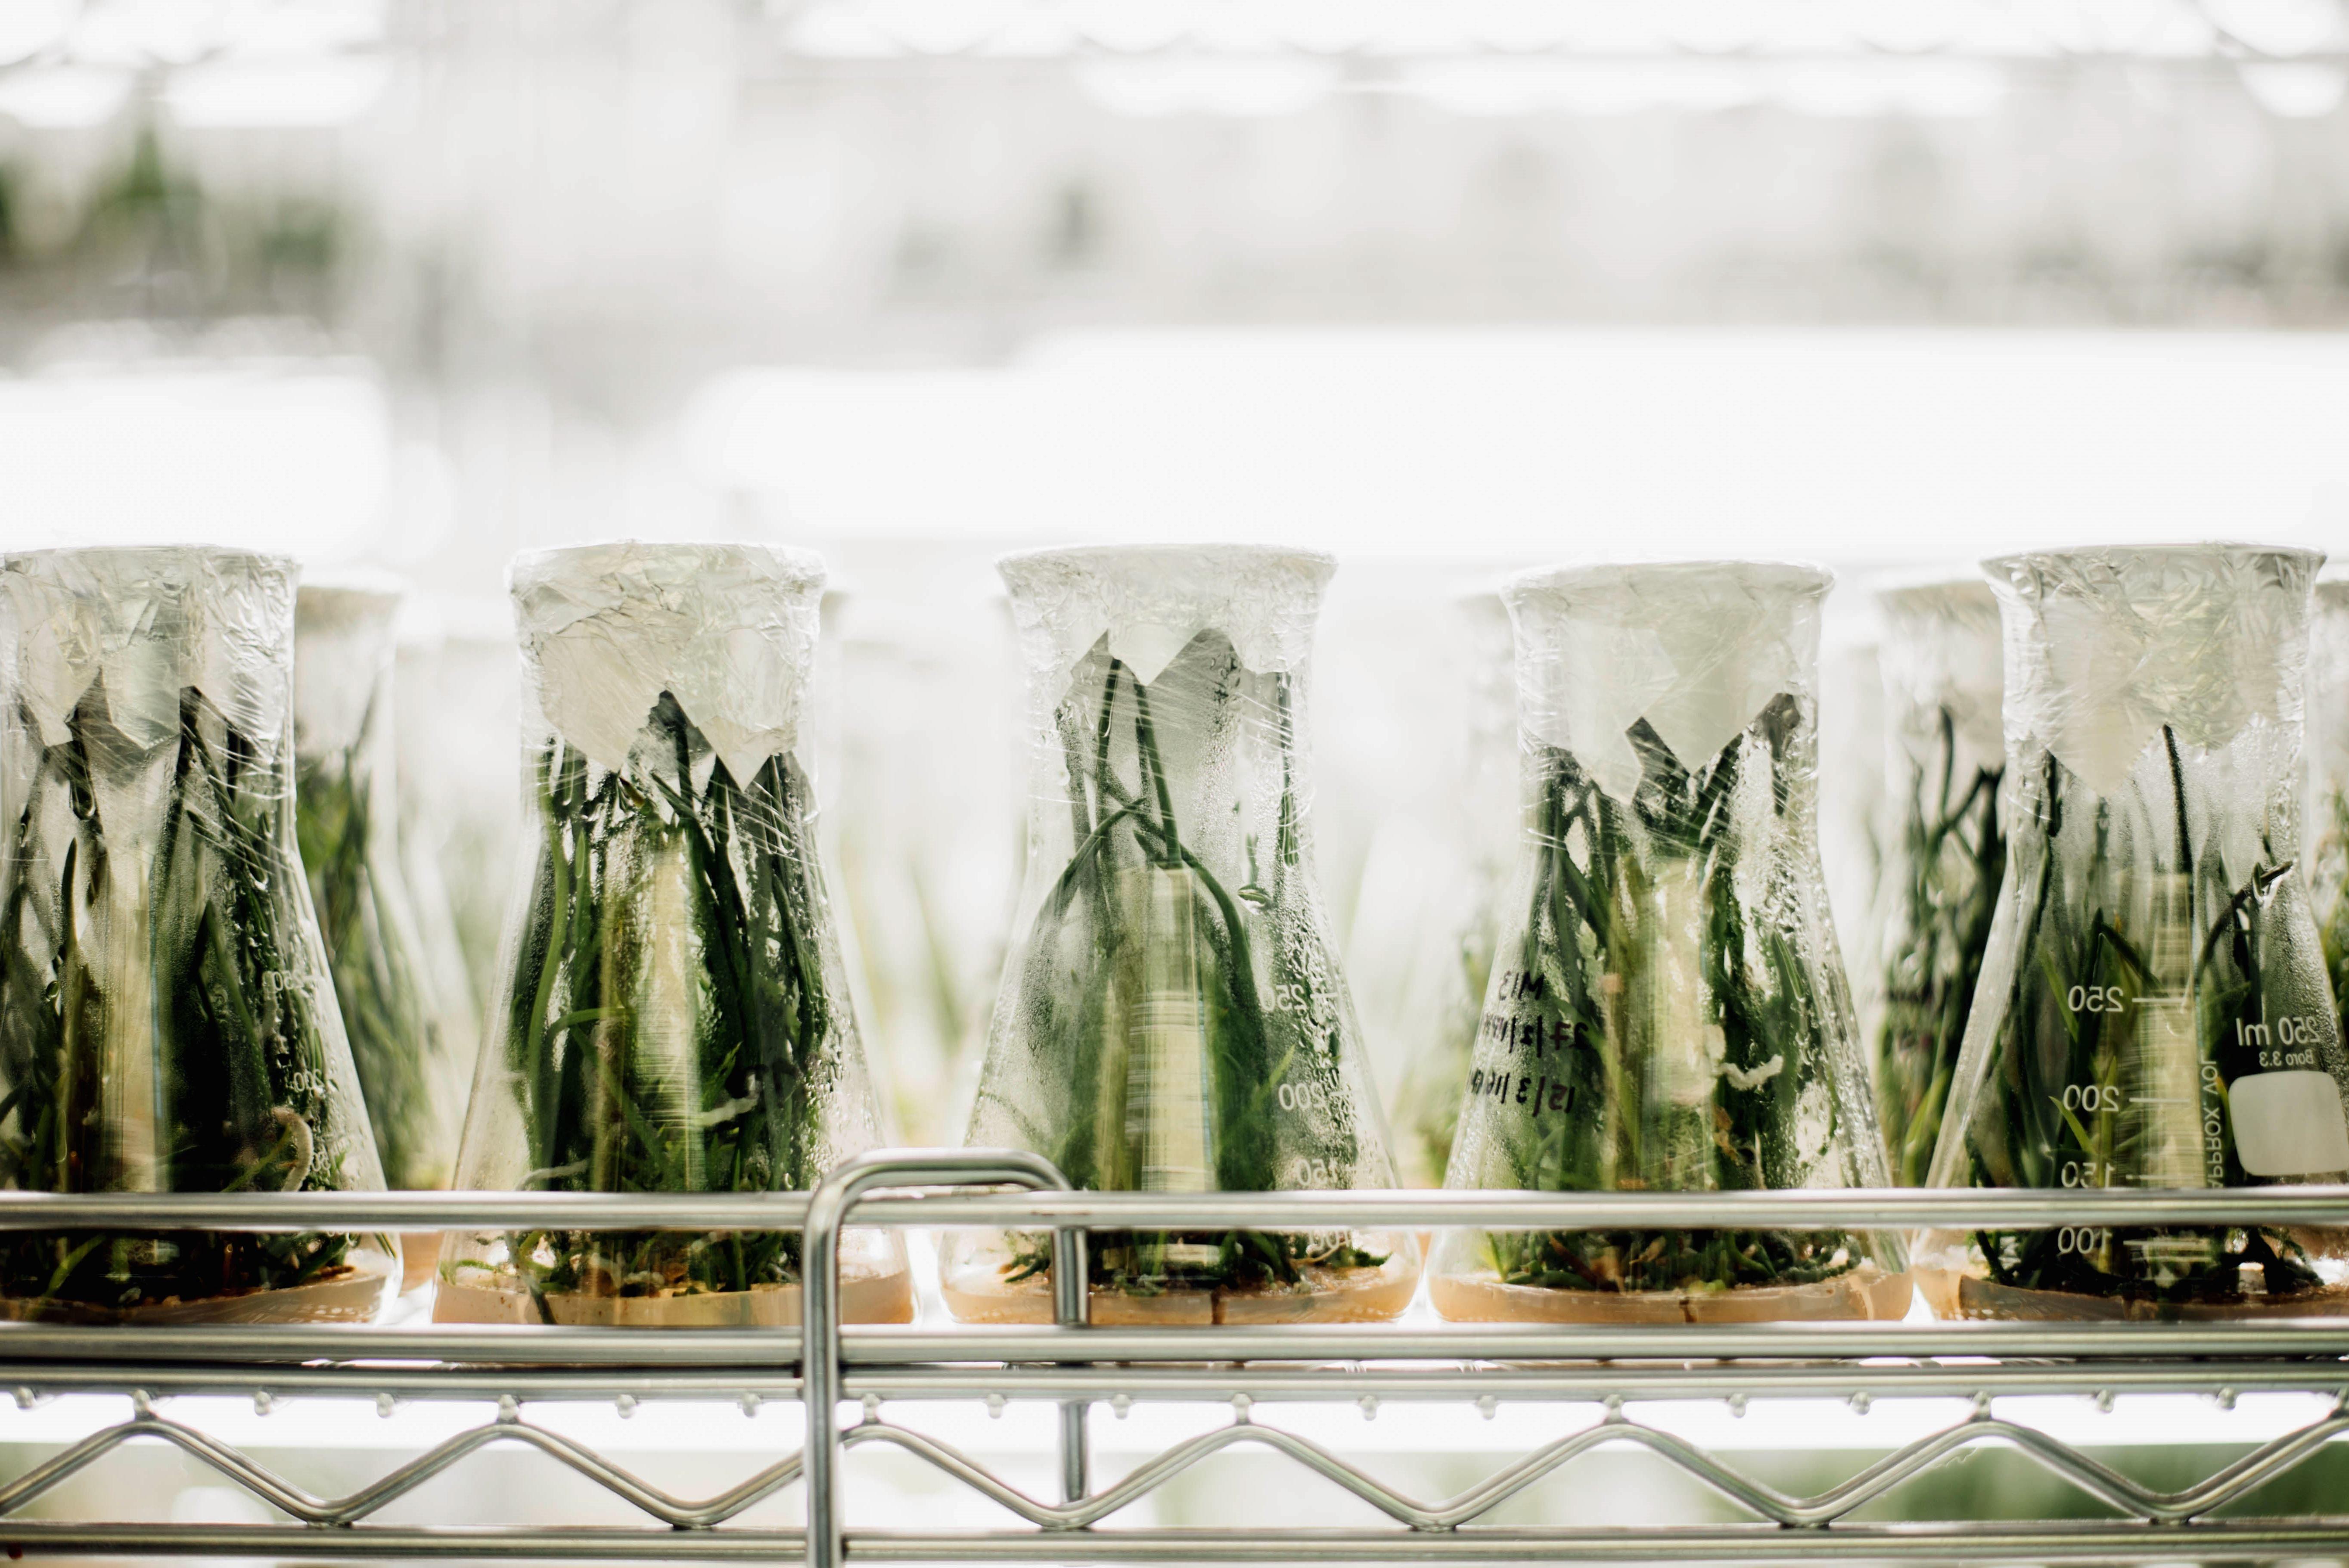 Besplatna slika: laboratorij biologija biljno poljoprivrede